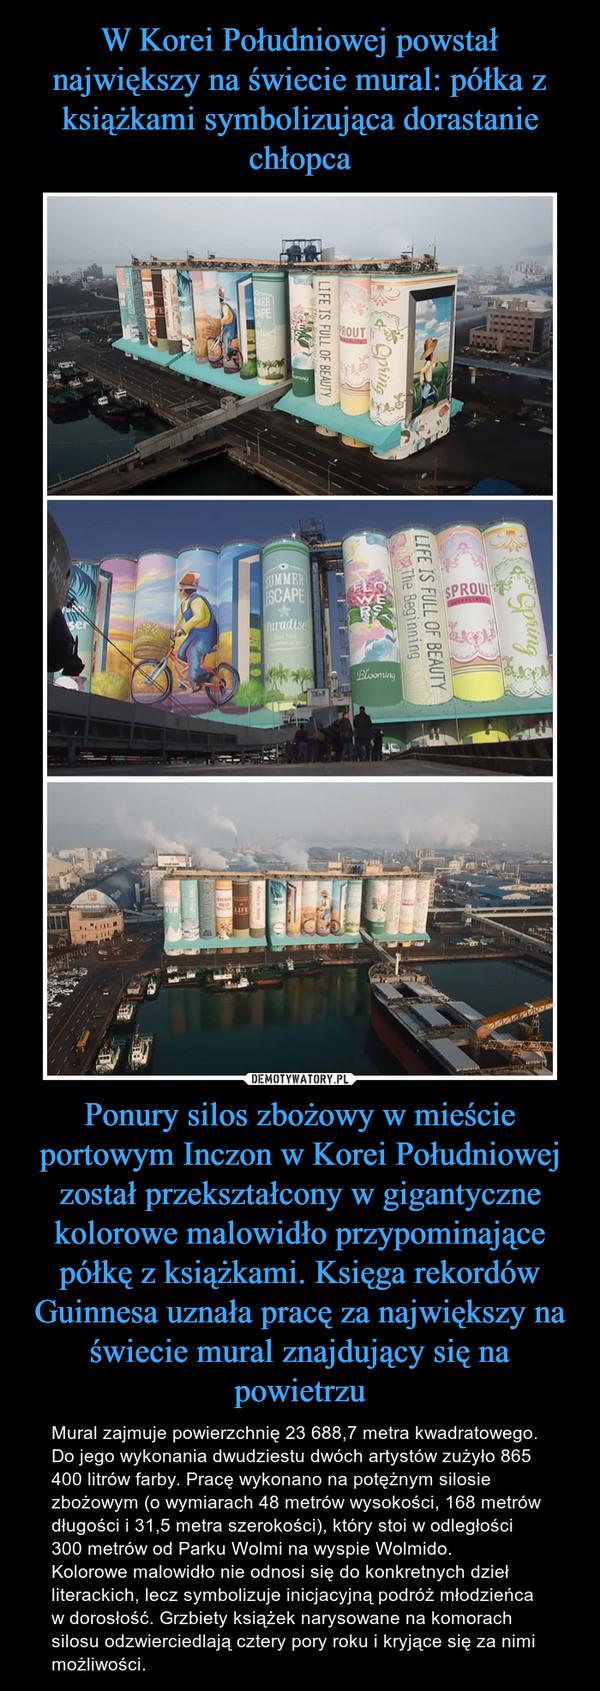 Ponury silos zbożowy w mieście portowym Inczon w Korei Południowej został przekształcony w gigantyczne kolorowe malowidło przypominające półkę z książkami. Księga rekordów Guinnesa uznała pracę za największy na świecie mural znajdujący się na powietrzu – Mural zajmuje powierzchnię 23 688,7 metra kwadratowego. Do jego wykonania dwudziestu dwóch artystów zużyło 865 400 litrów farby. Pracę wykonano na potężnym silosie zbożowym (o wymiarach 48 metrów wysokości, 168 metrów długości i 31,5 metra szerokości), który stoi w odległości 300 metrów od Parku Wolmi na wyspie Wolmido.Kolorowe malowidło nie odnosi się do konkretnych dzieł literackich, lecz symbolizuje inicjacyjną podróż młodzieńca w dorosłość. Grzbiety książek narysowane na komorach silosu odzwierciedlają cztery pory roku i kryjące się za nimi możliwości.